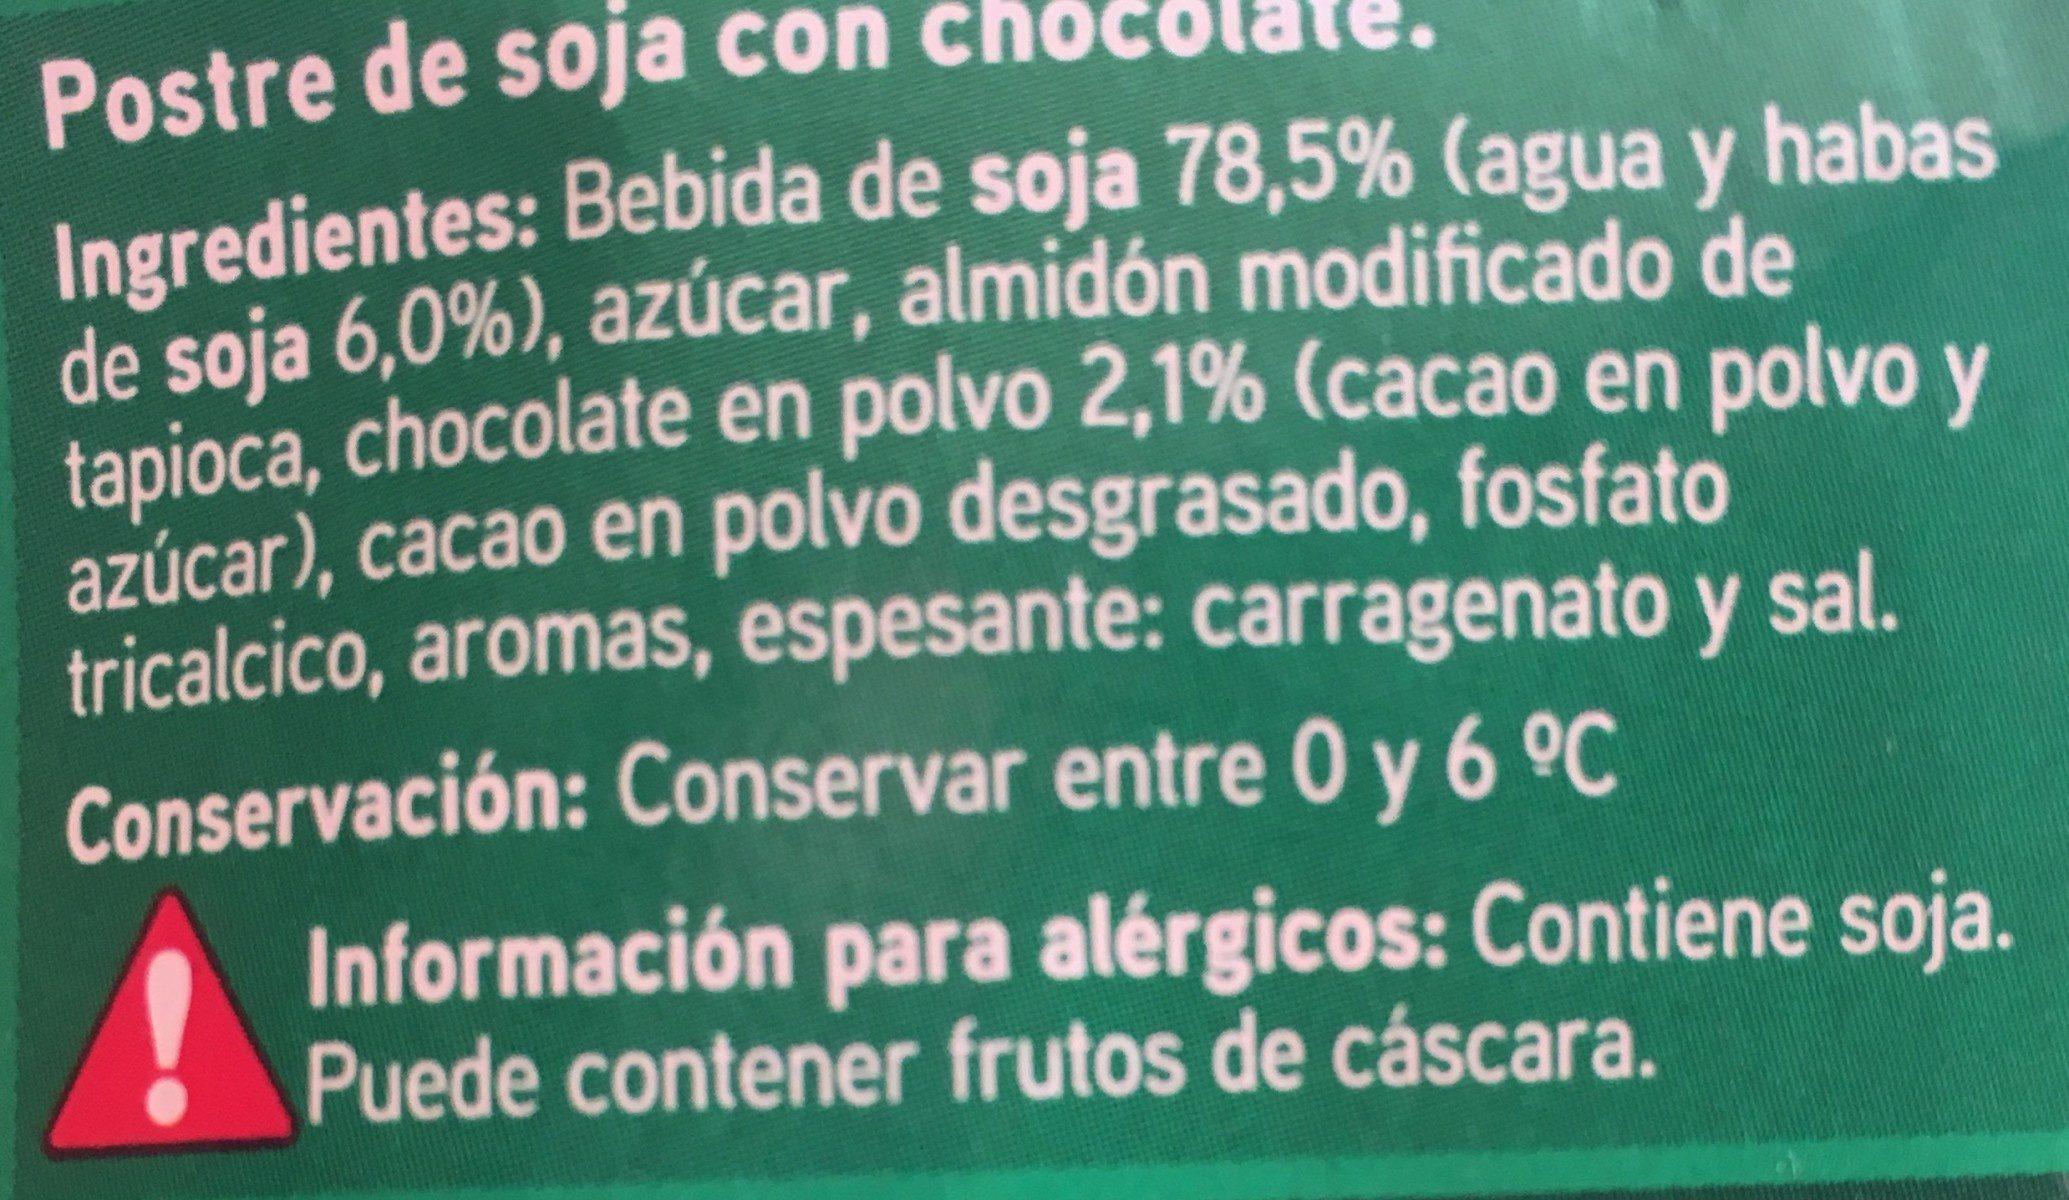 Postre de soja con chocolate - Ingrédients - fr